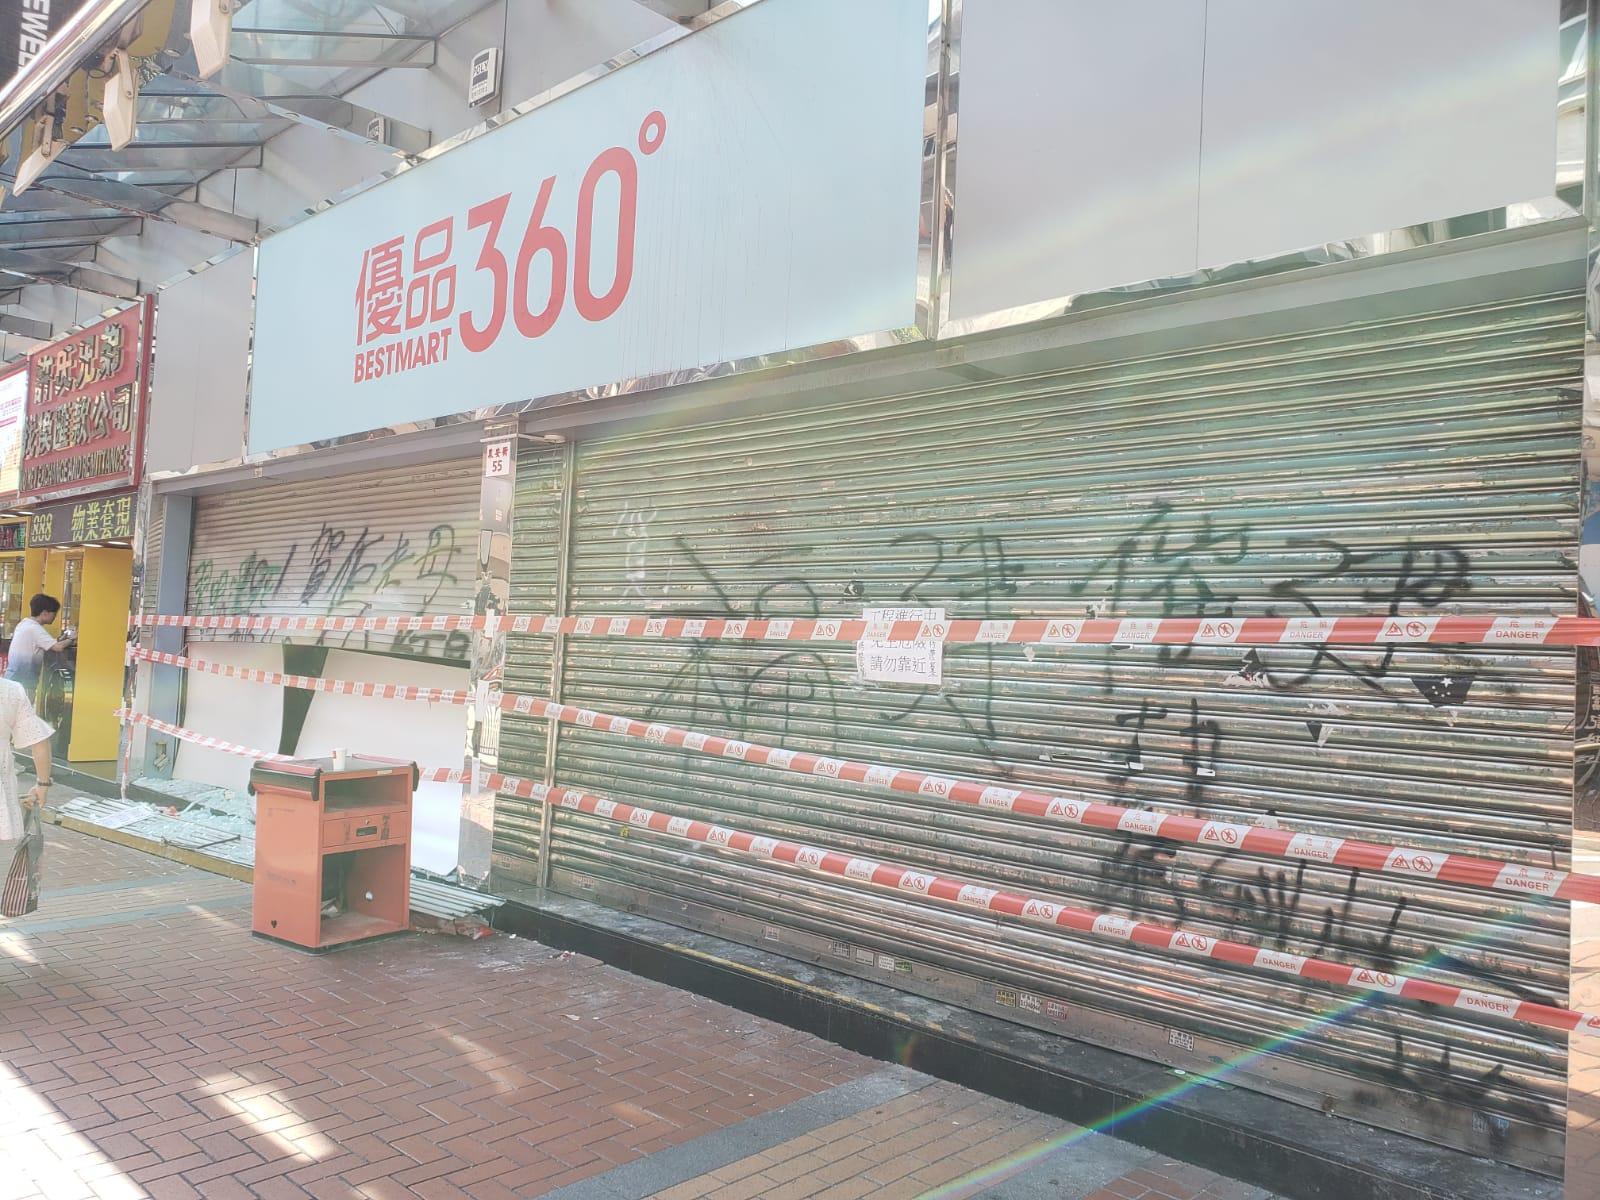 荃灣大鴻輝中心附近的優品360被破壞。